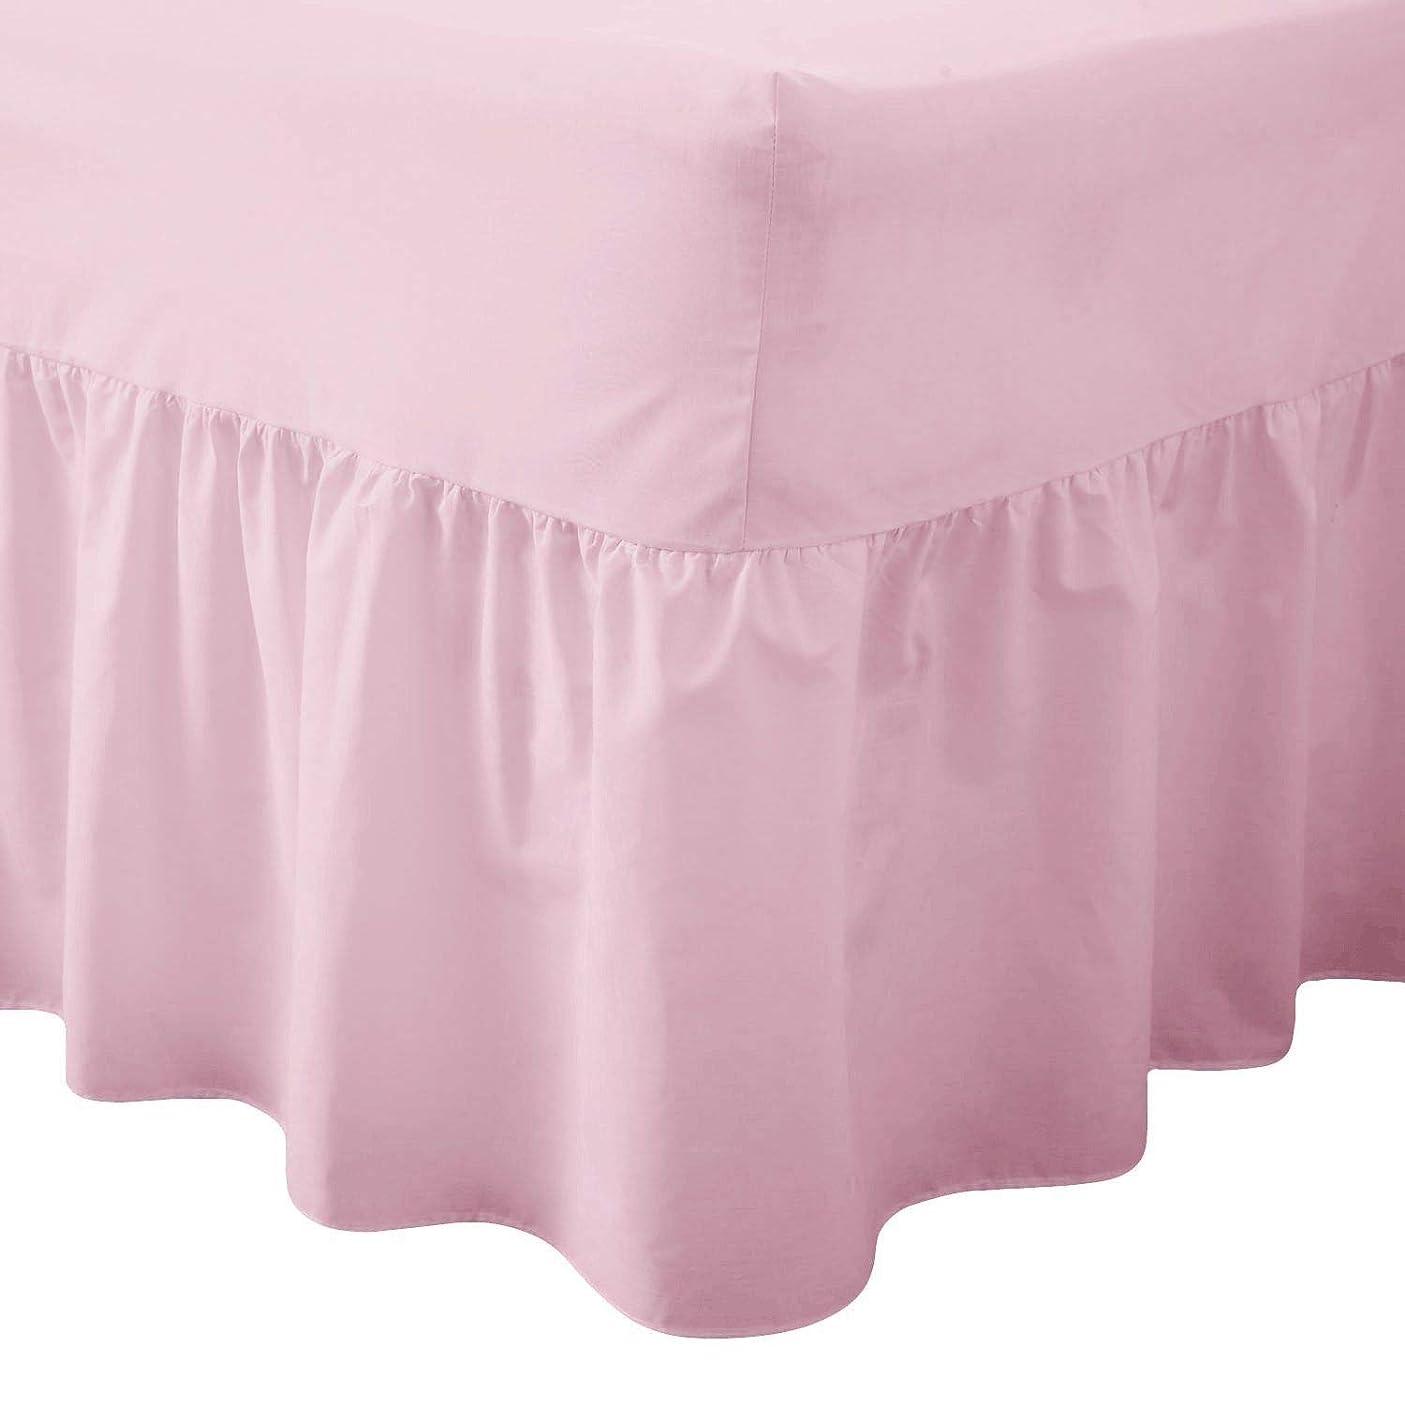 畝間自動腹TENCMGベッドスカート - ベッド表面なし低刺激性取り外し可能ベッドスカート - エラスティックバンドベッドスカート40cmドロップ - 低刺激性簡単にしわ,Pink,100x200cm